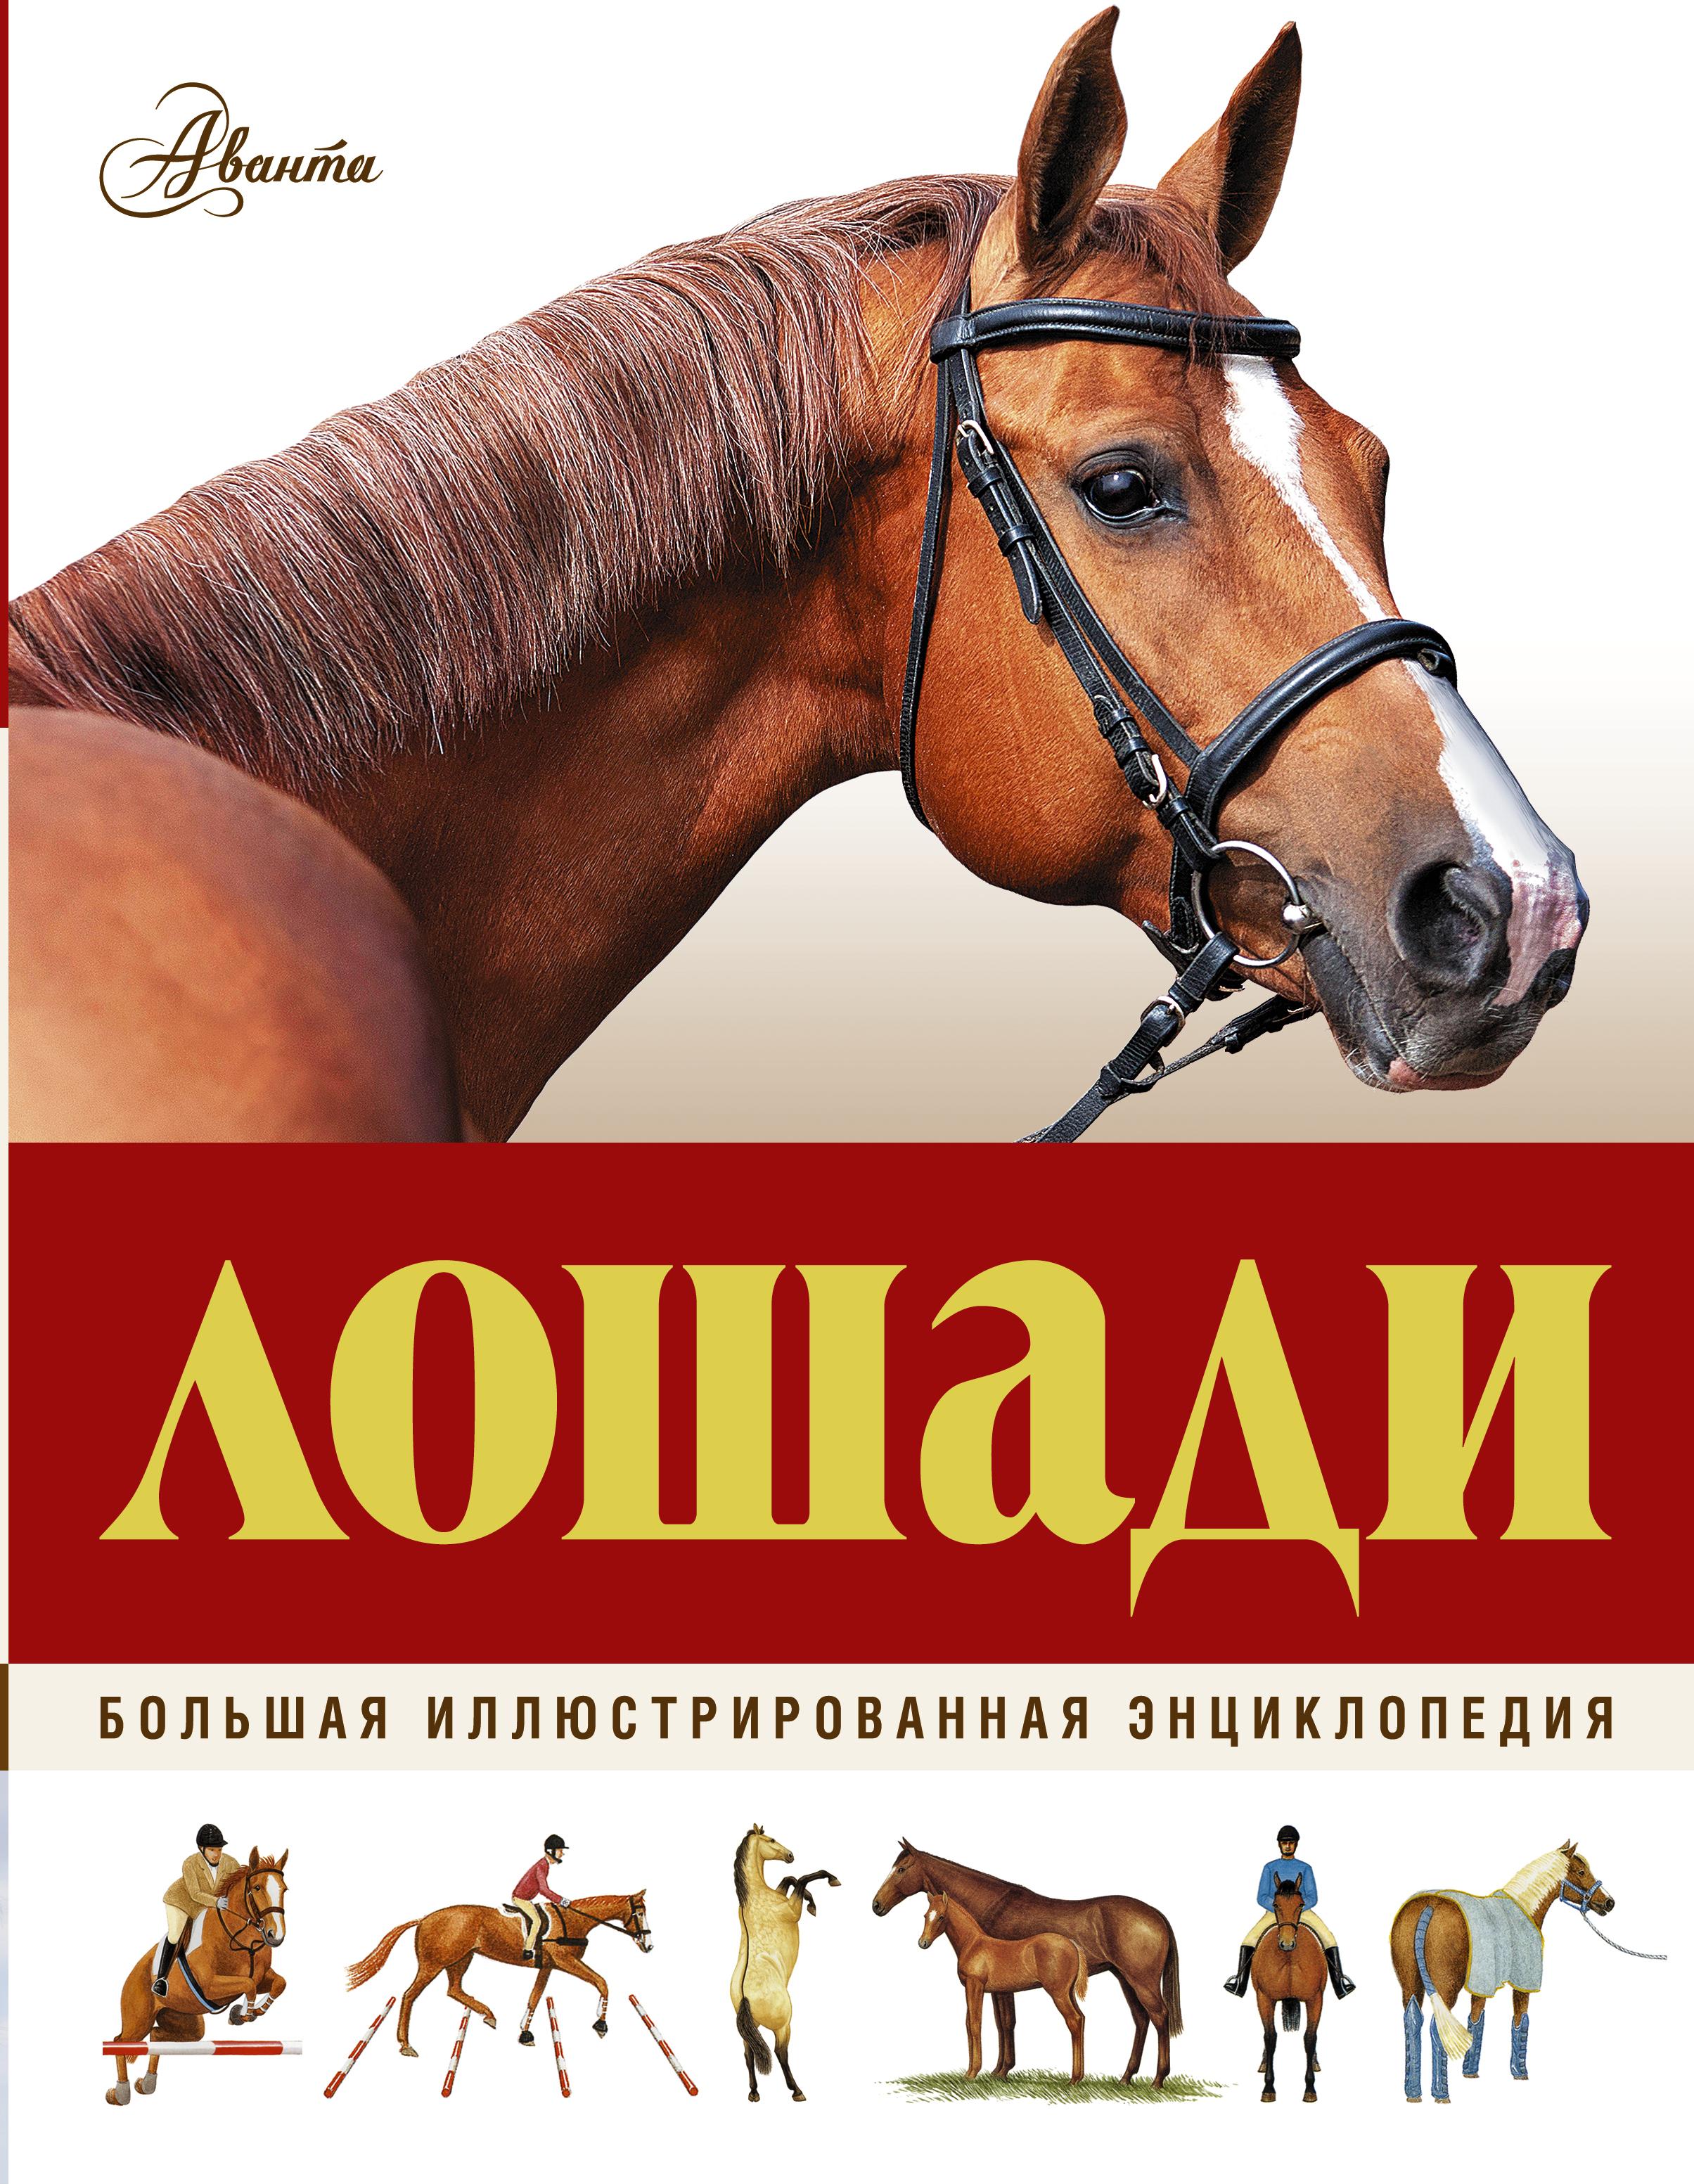 Большая иллюстрированная энциклопедия. Лошади